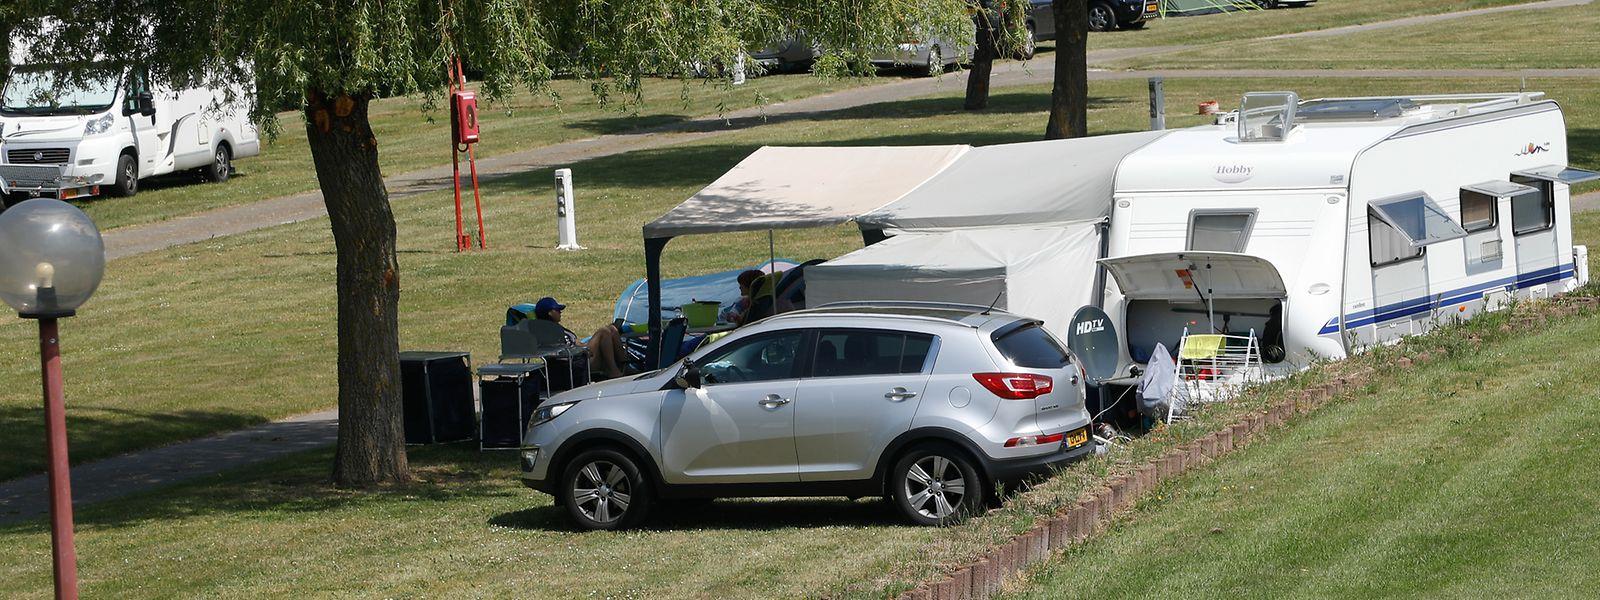 Les campings luxembourgeois peuvent compter sur des clients particulièrement fidèles.